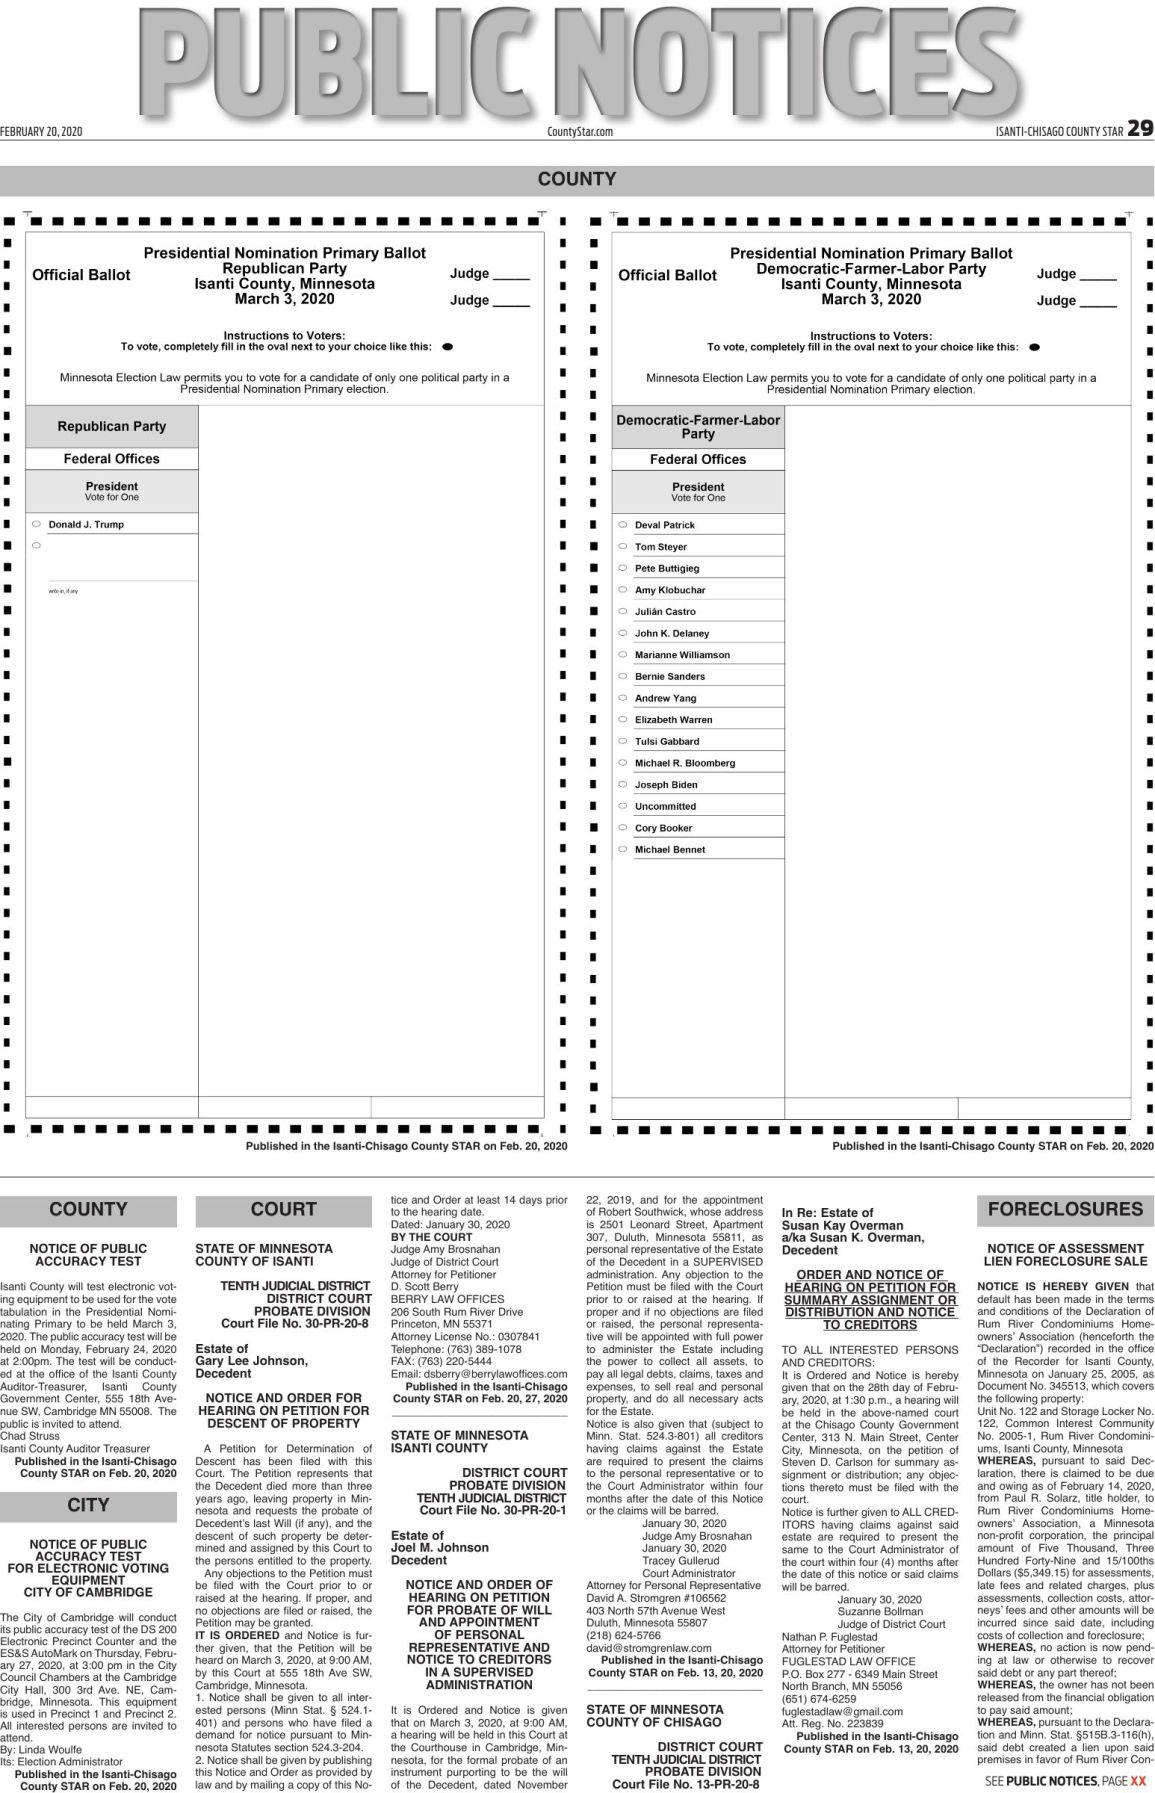 Public Notices - Feb. 20, 2020